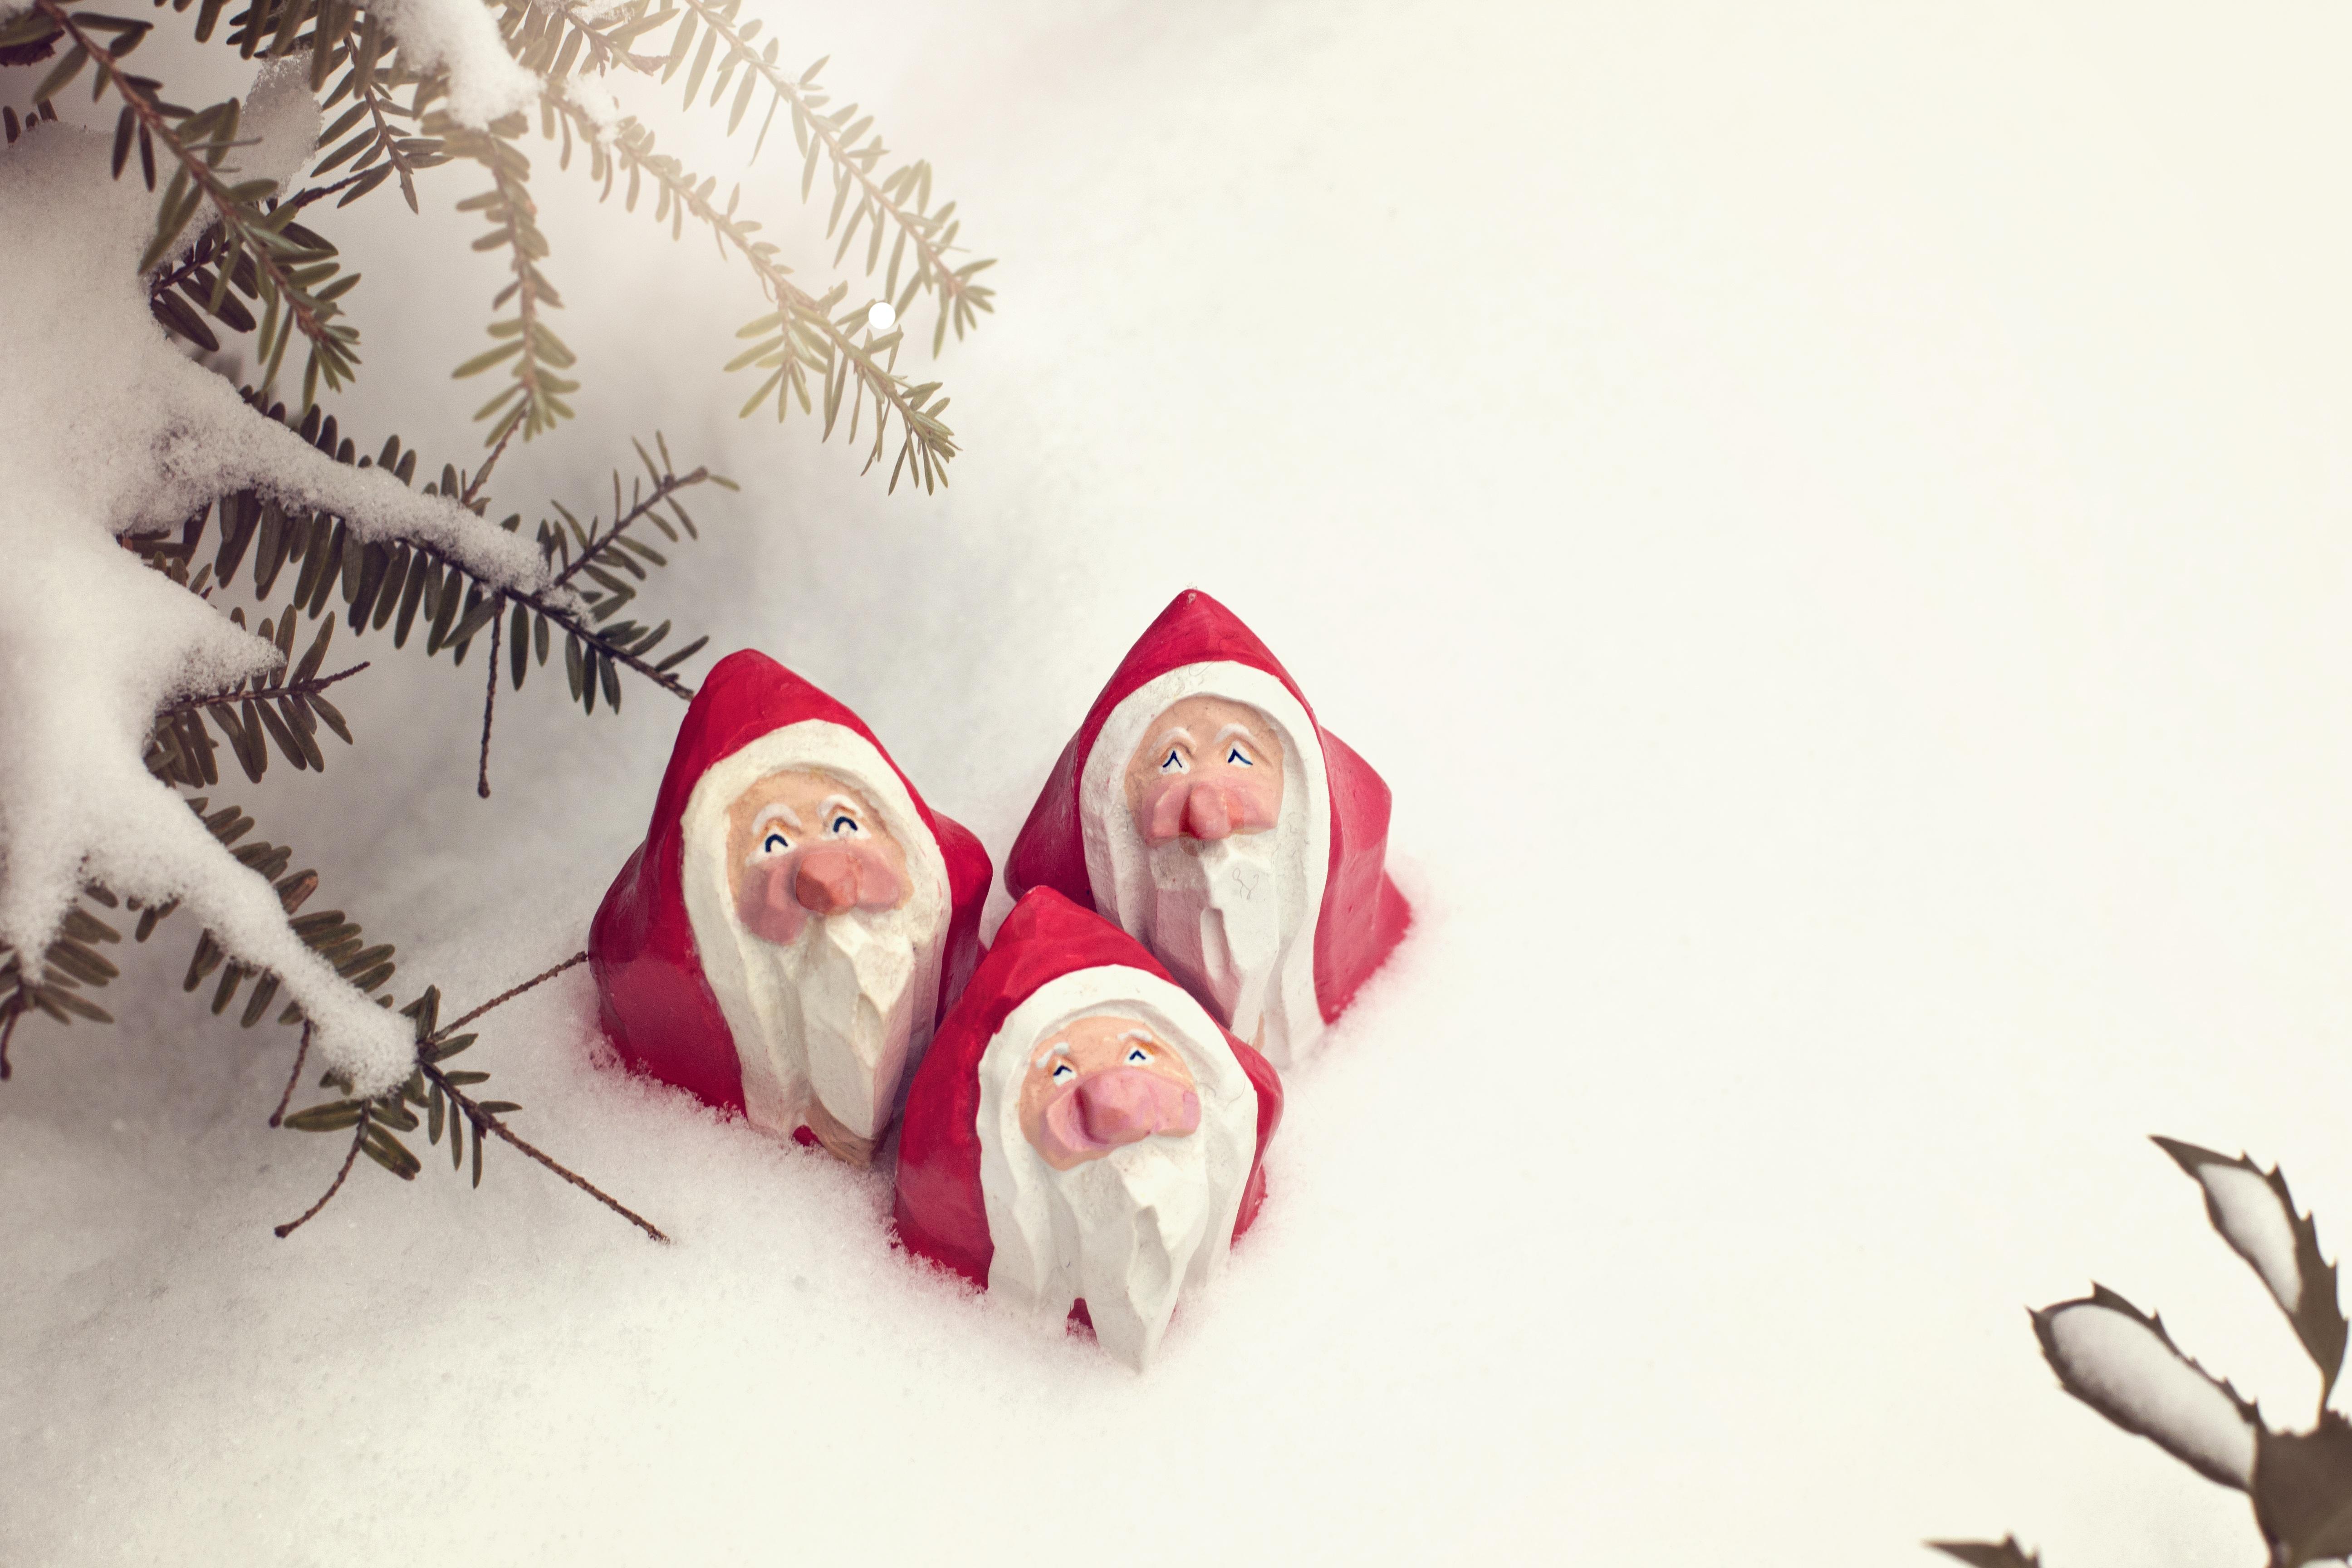 Fotos Gratis Mano árbol Nieve Invierno Blanco Pino